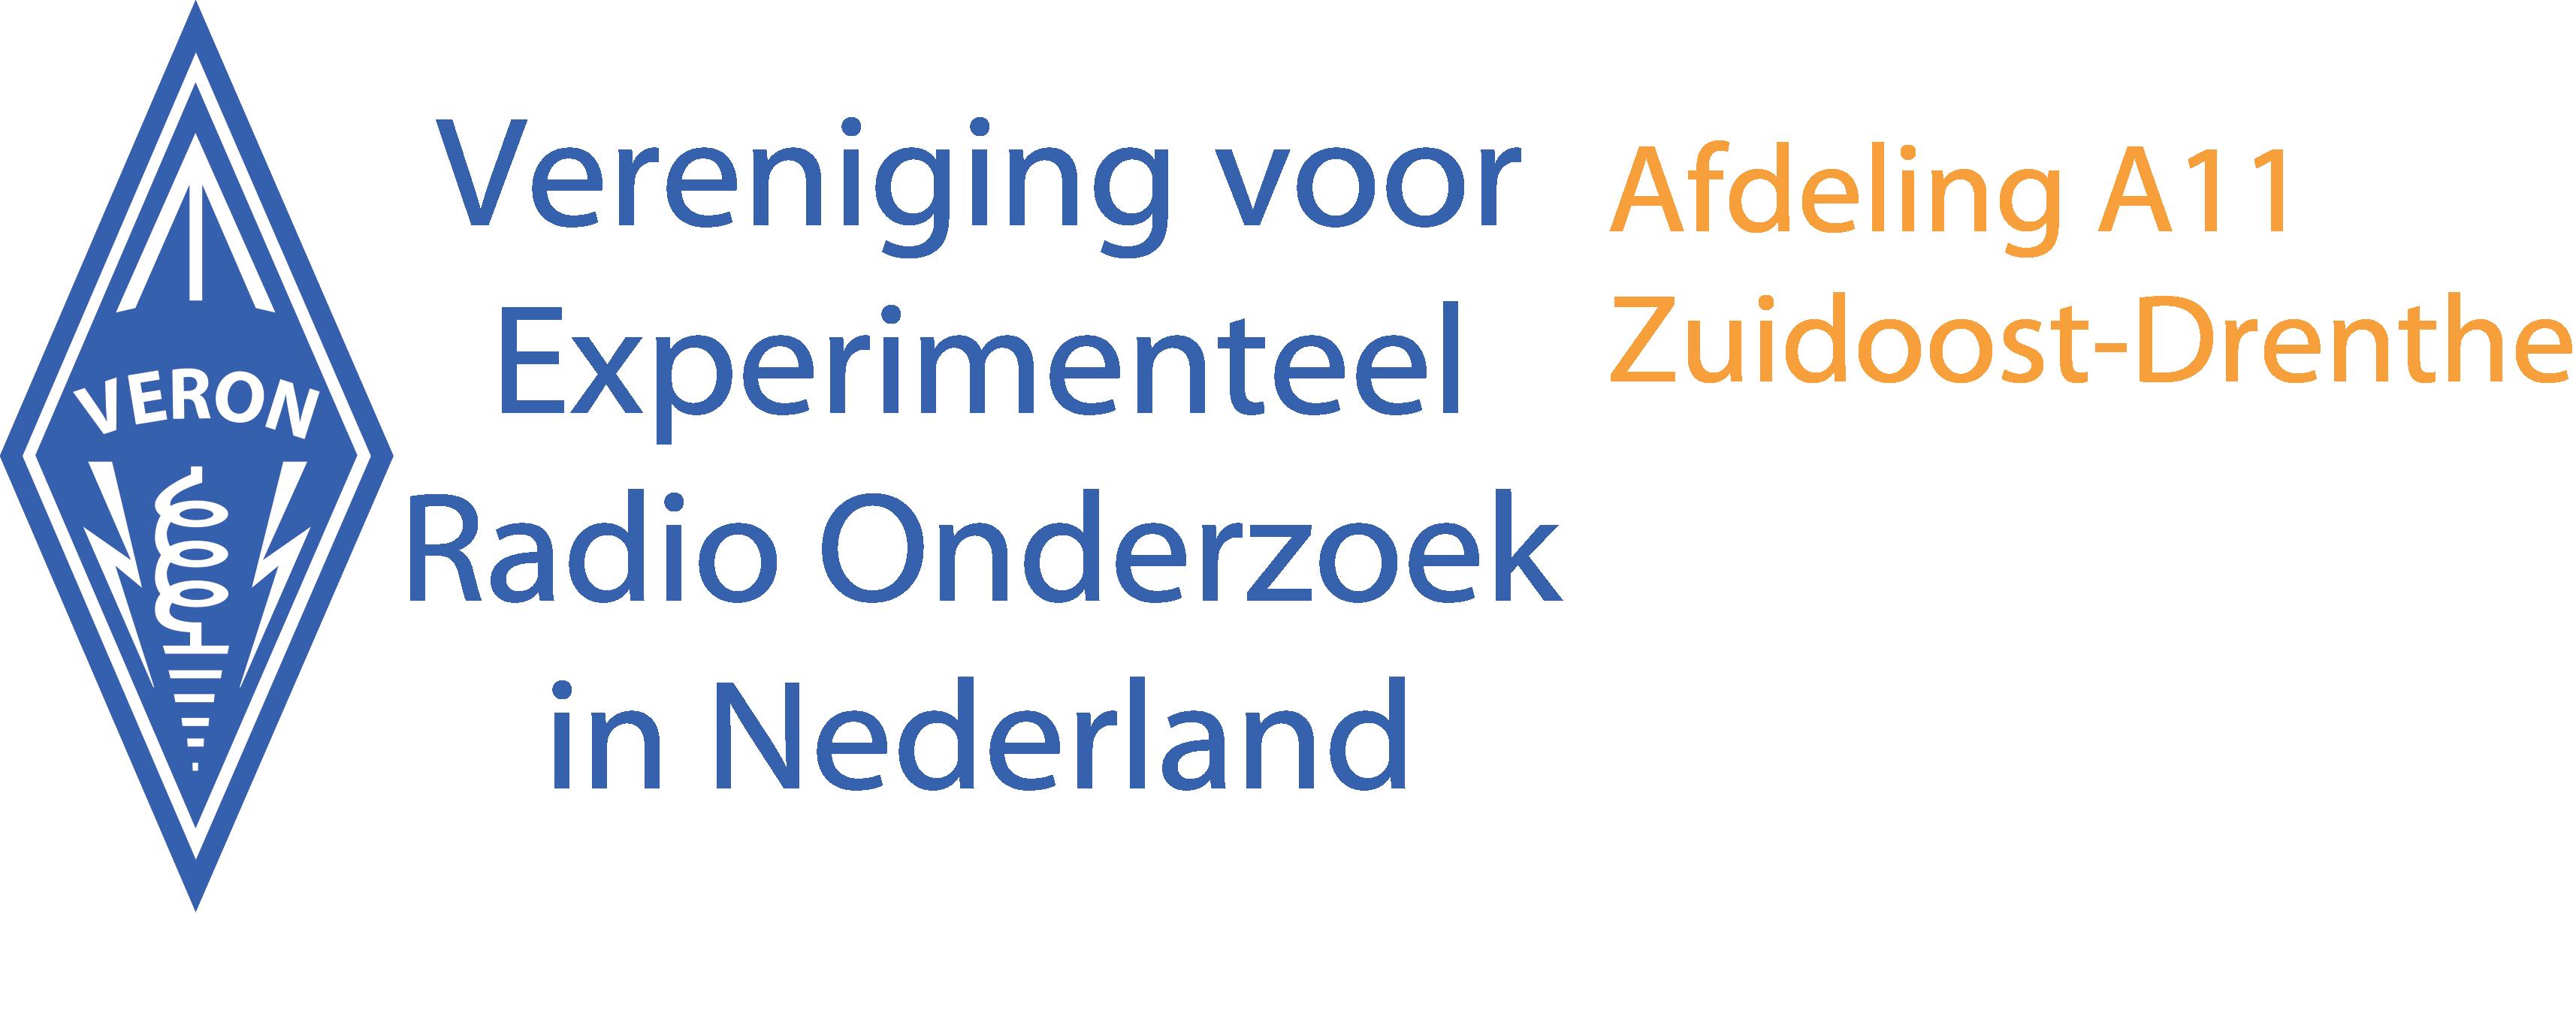 VERON a11 - Zuidoost-Drenthe